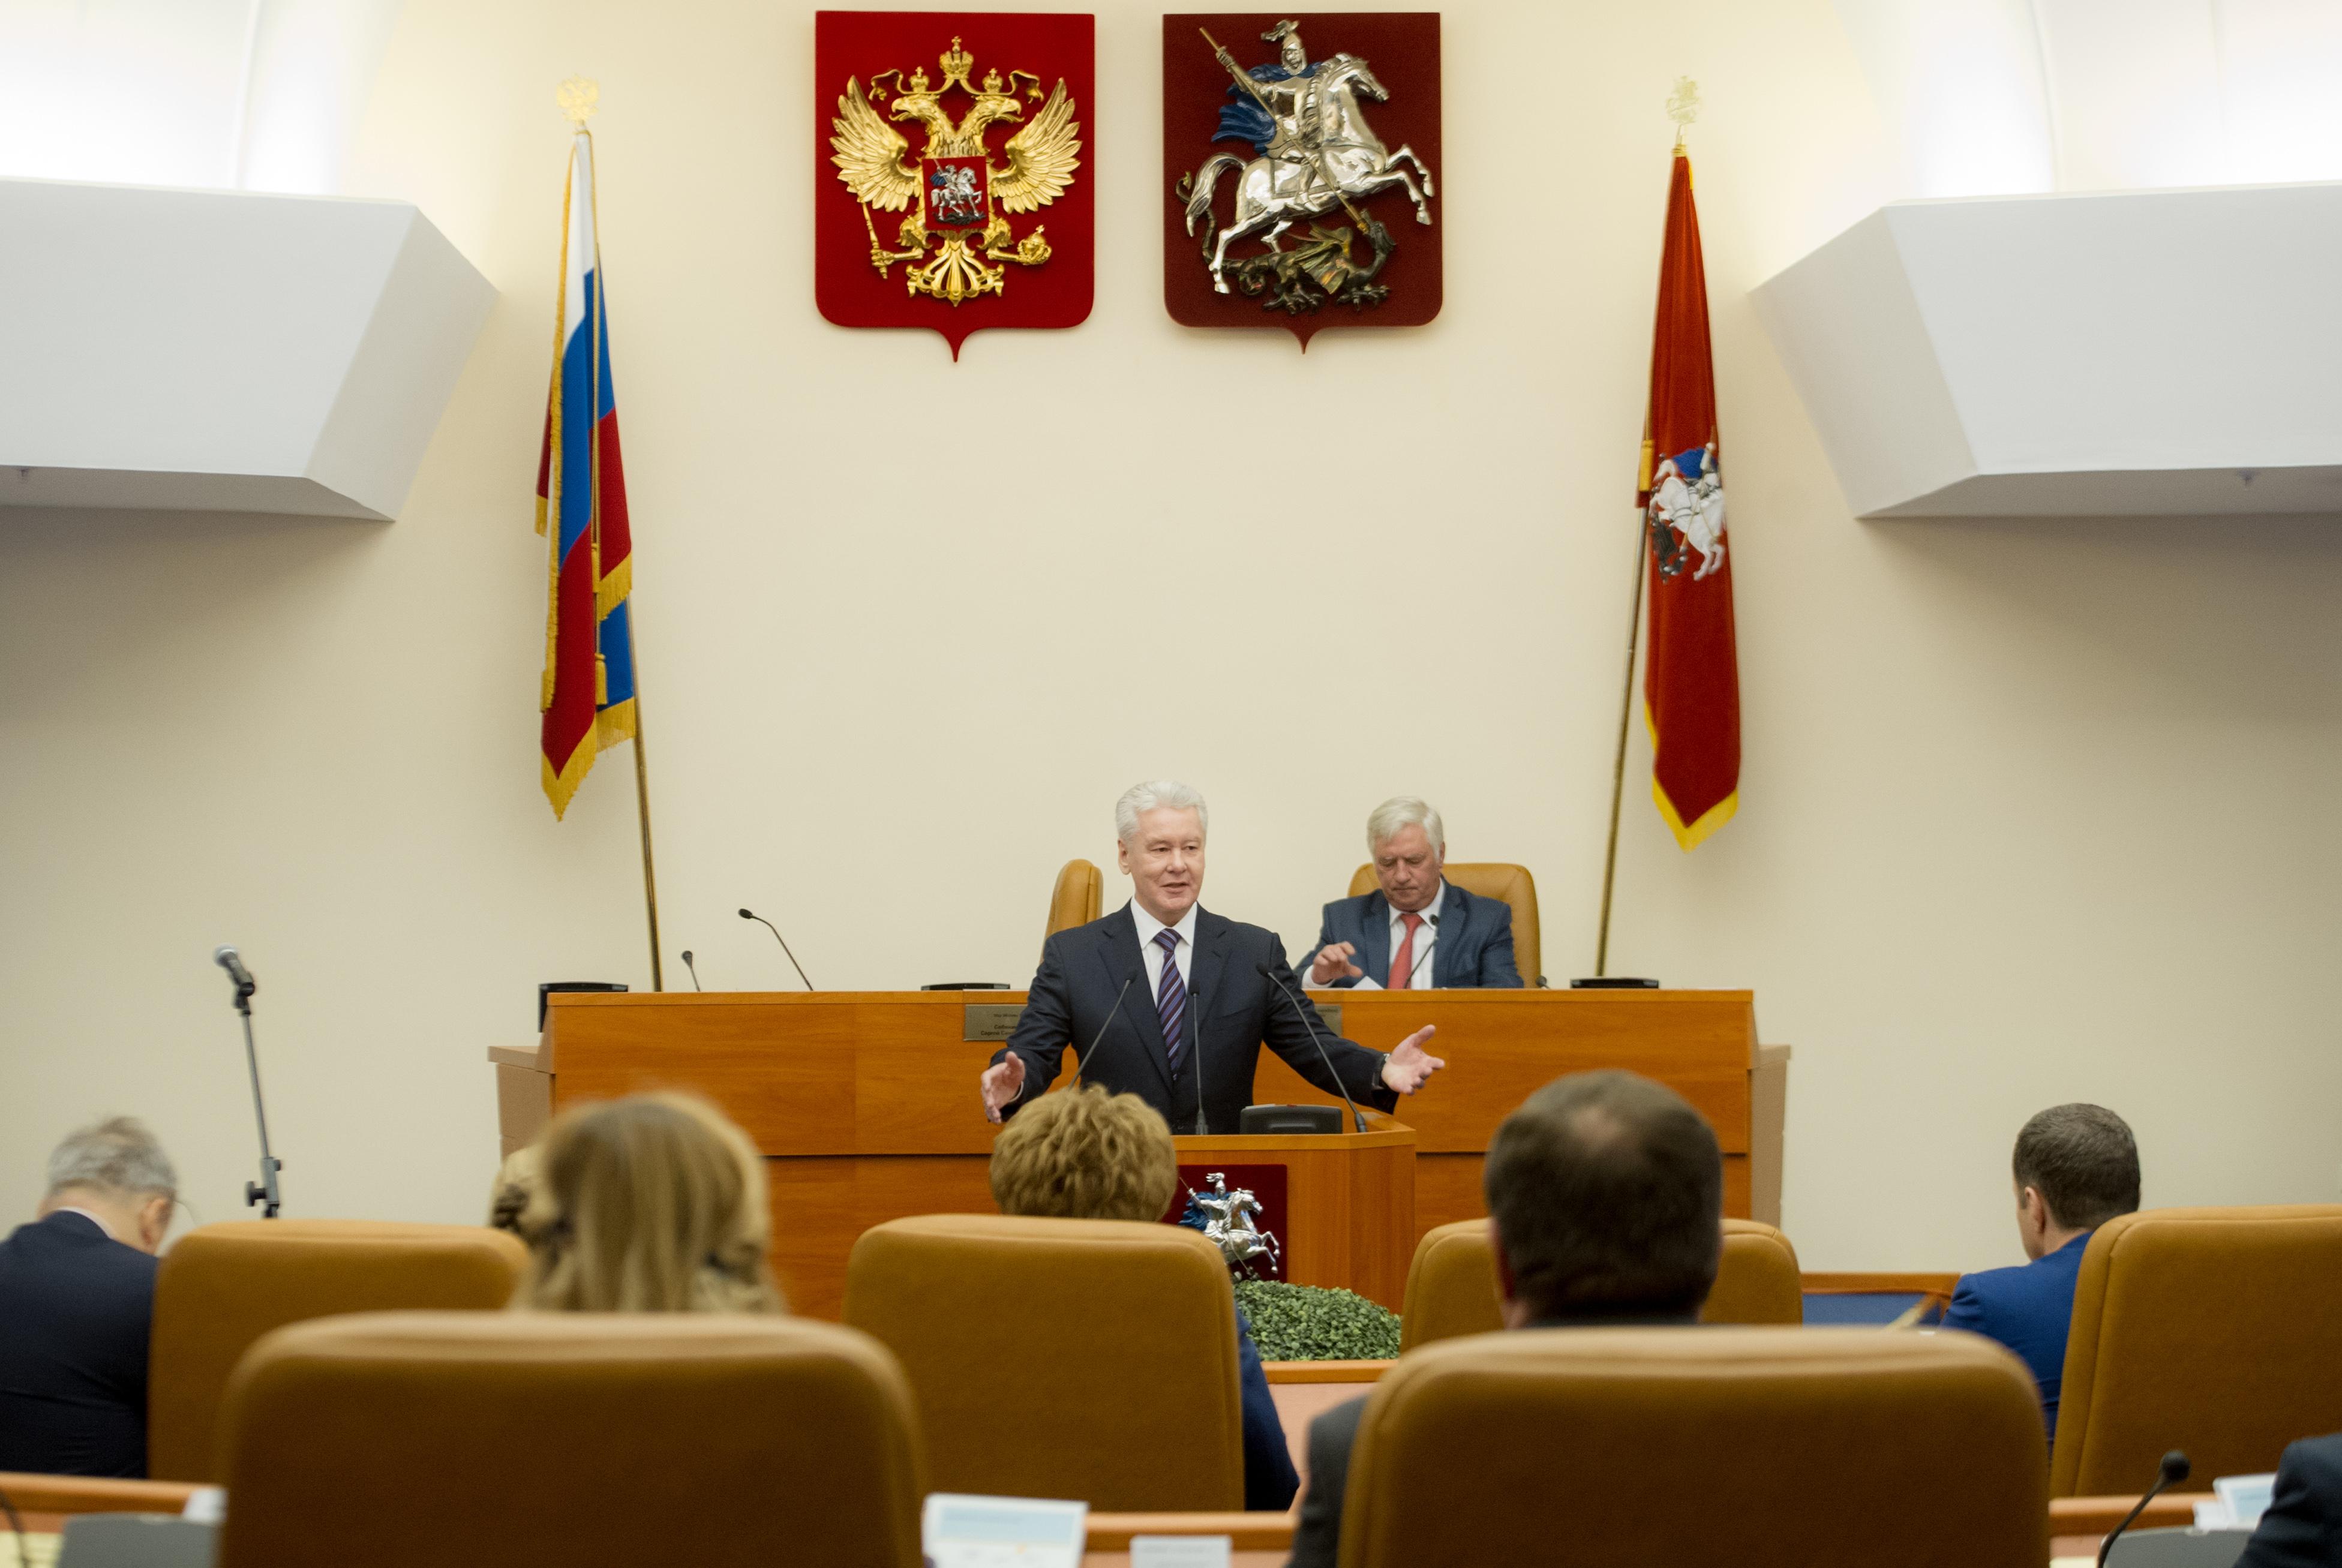 Сергей Собянин на заседании Мосгордумы